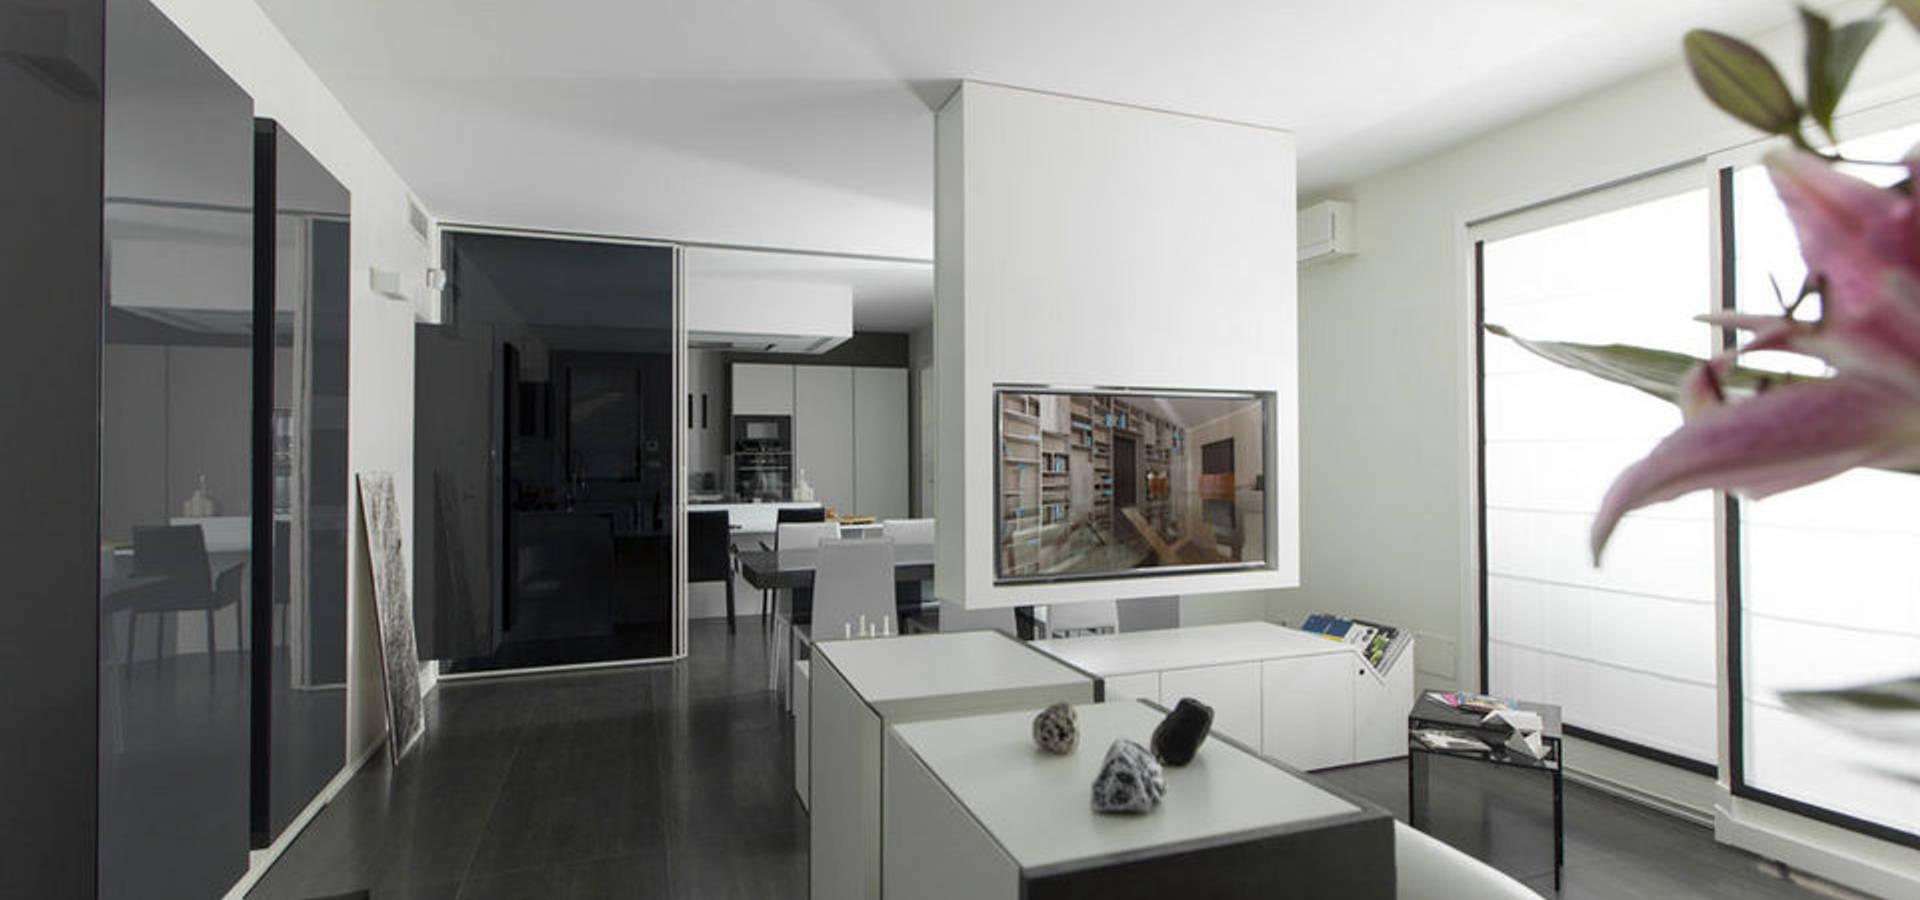 Semprelegno interni di design loft moderno arredato su for Design interni appartamenti